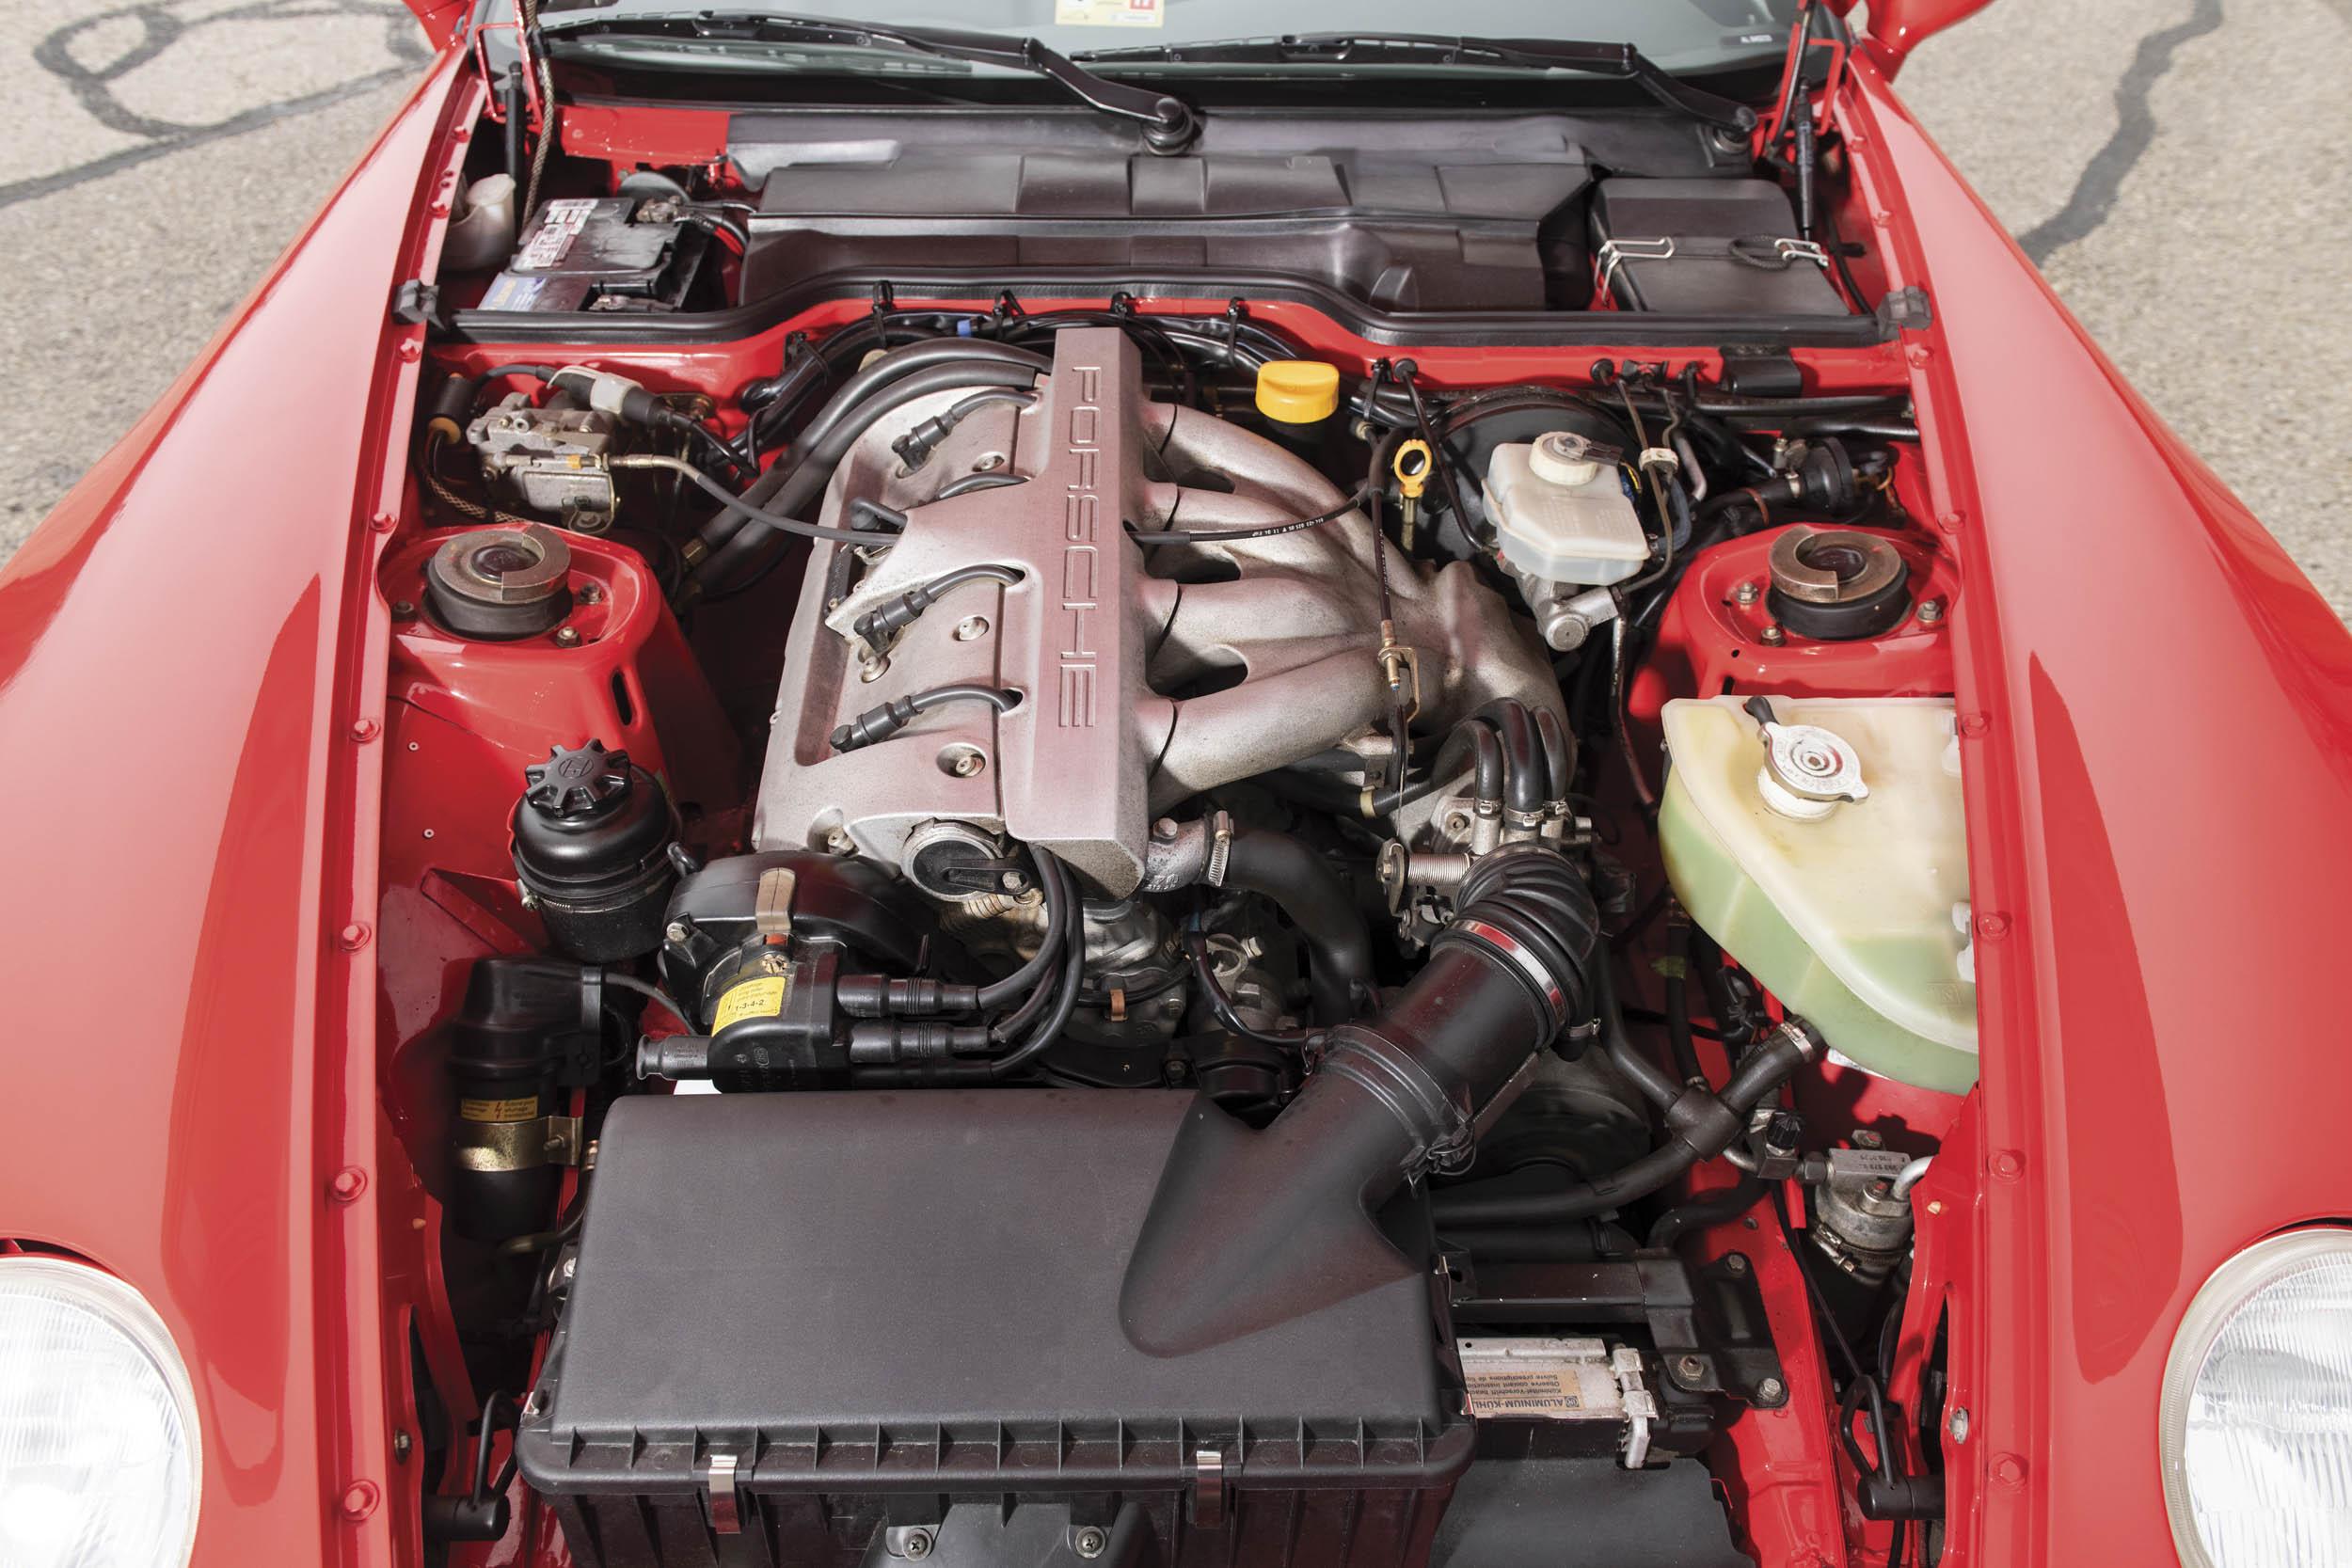 1995 Porsche 968 engine